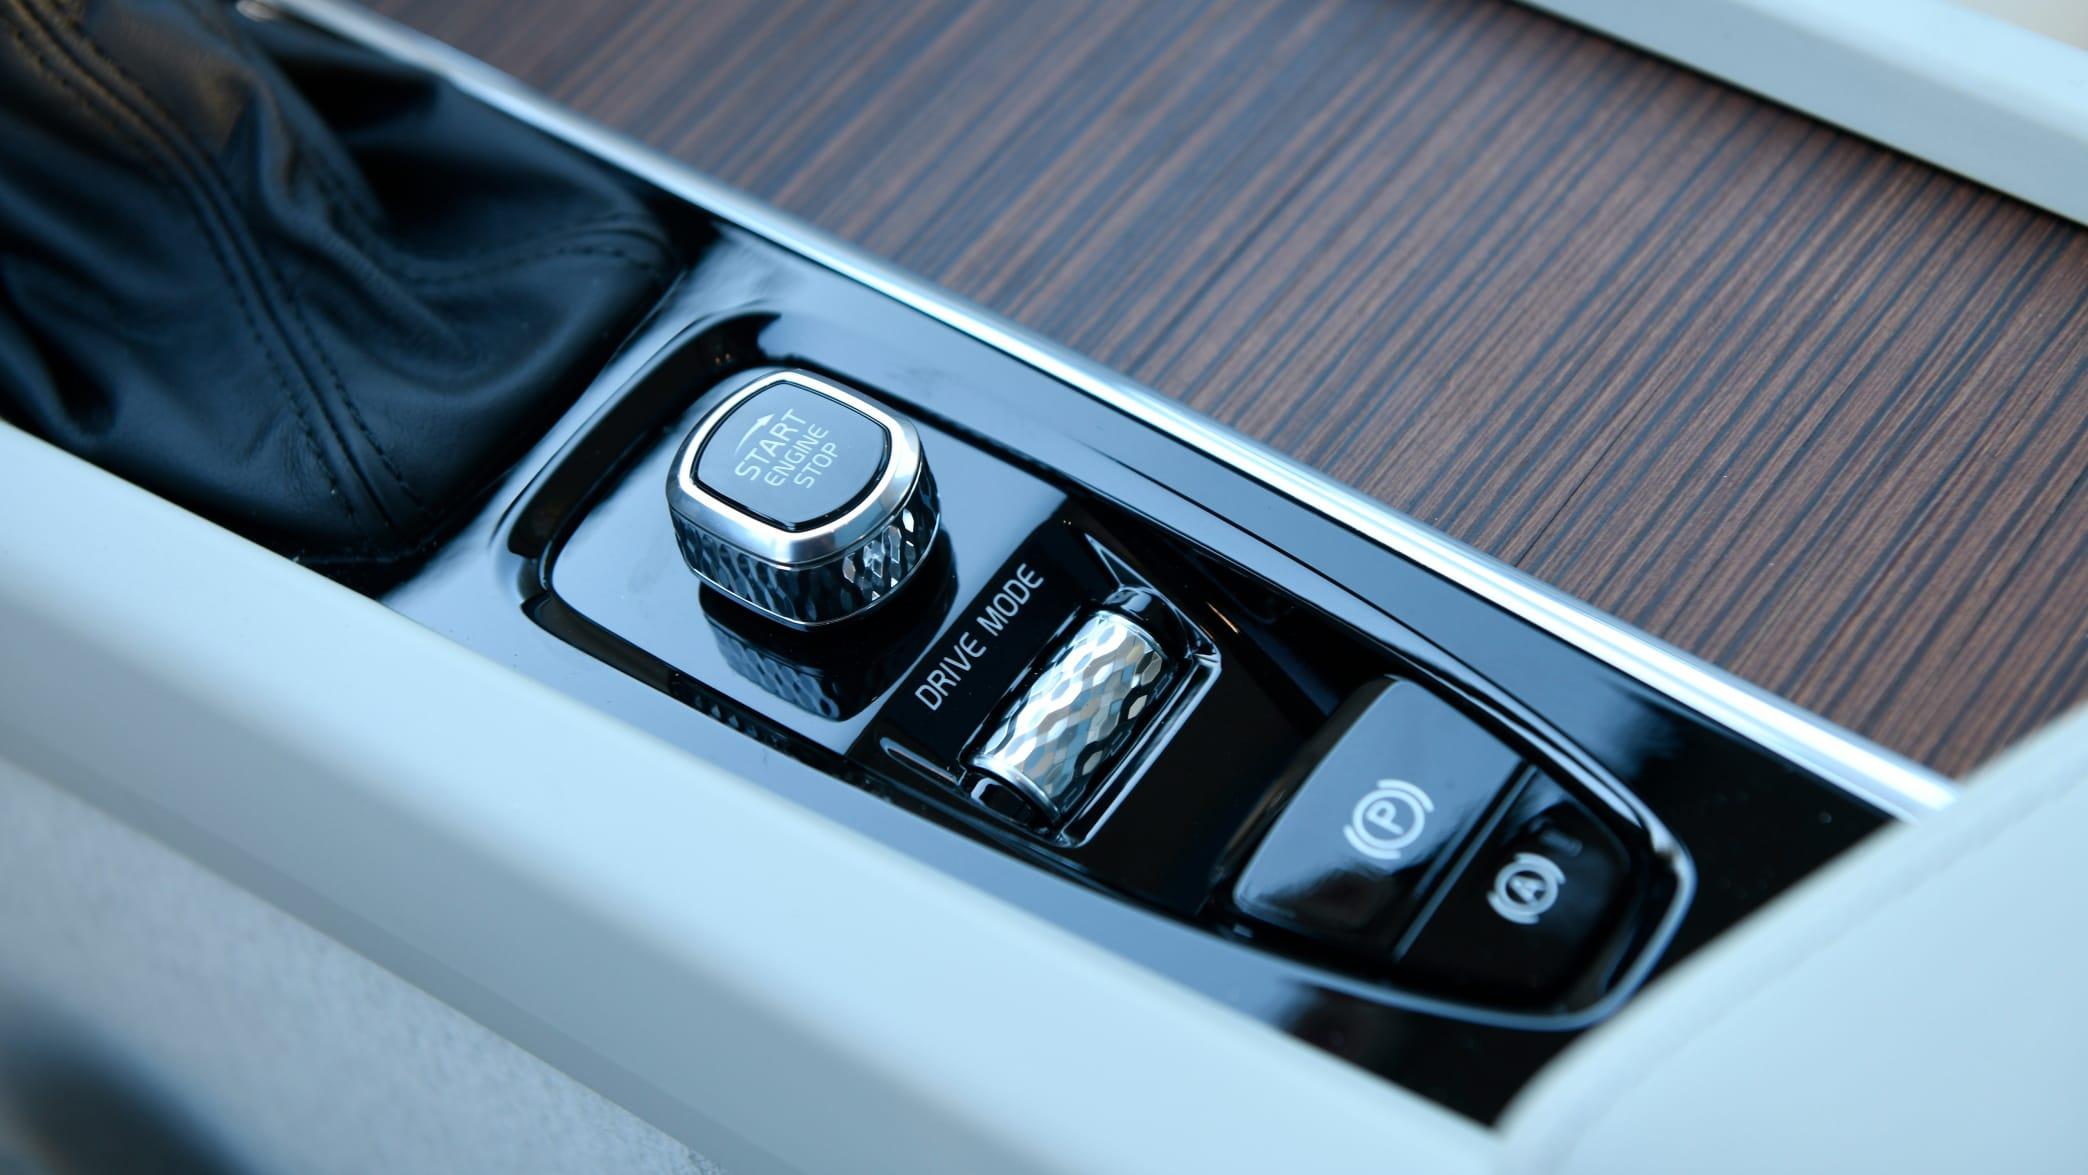 Mittelkonsole im Cockpit eines Volvo V60